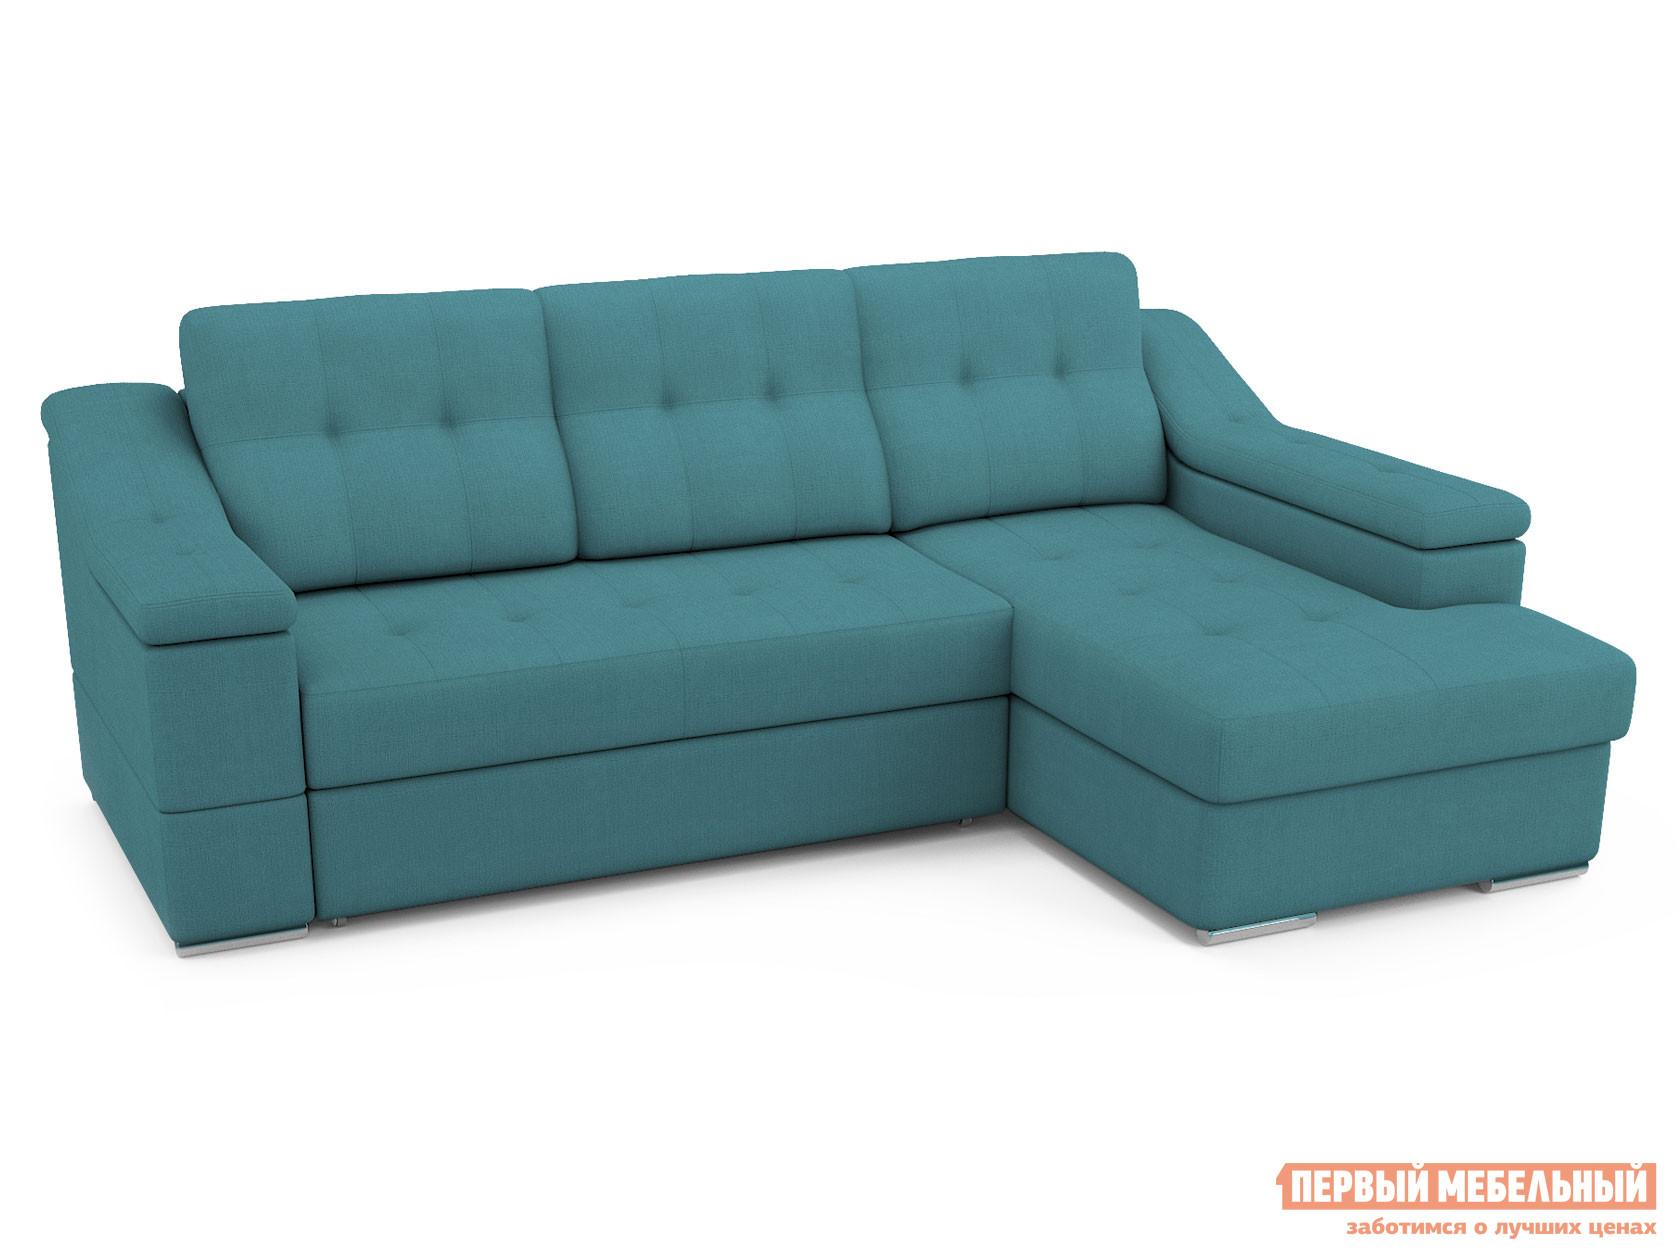 Угловой диван Первый Мебельный Угловой диван Калифорния